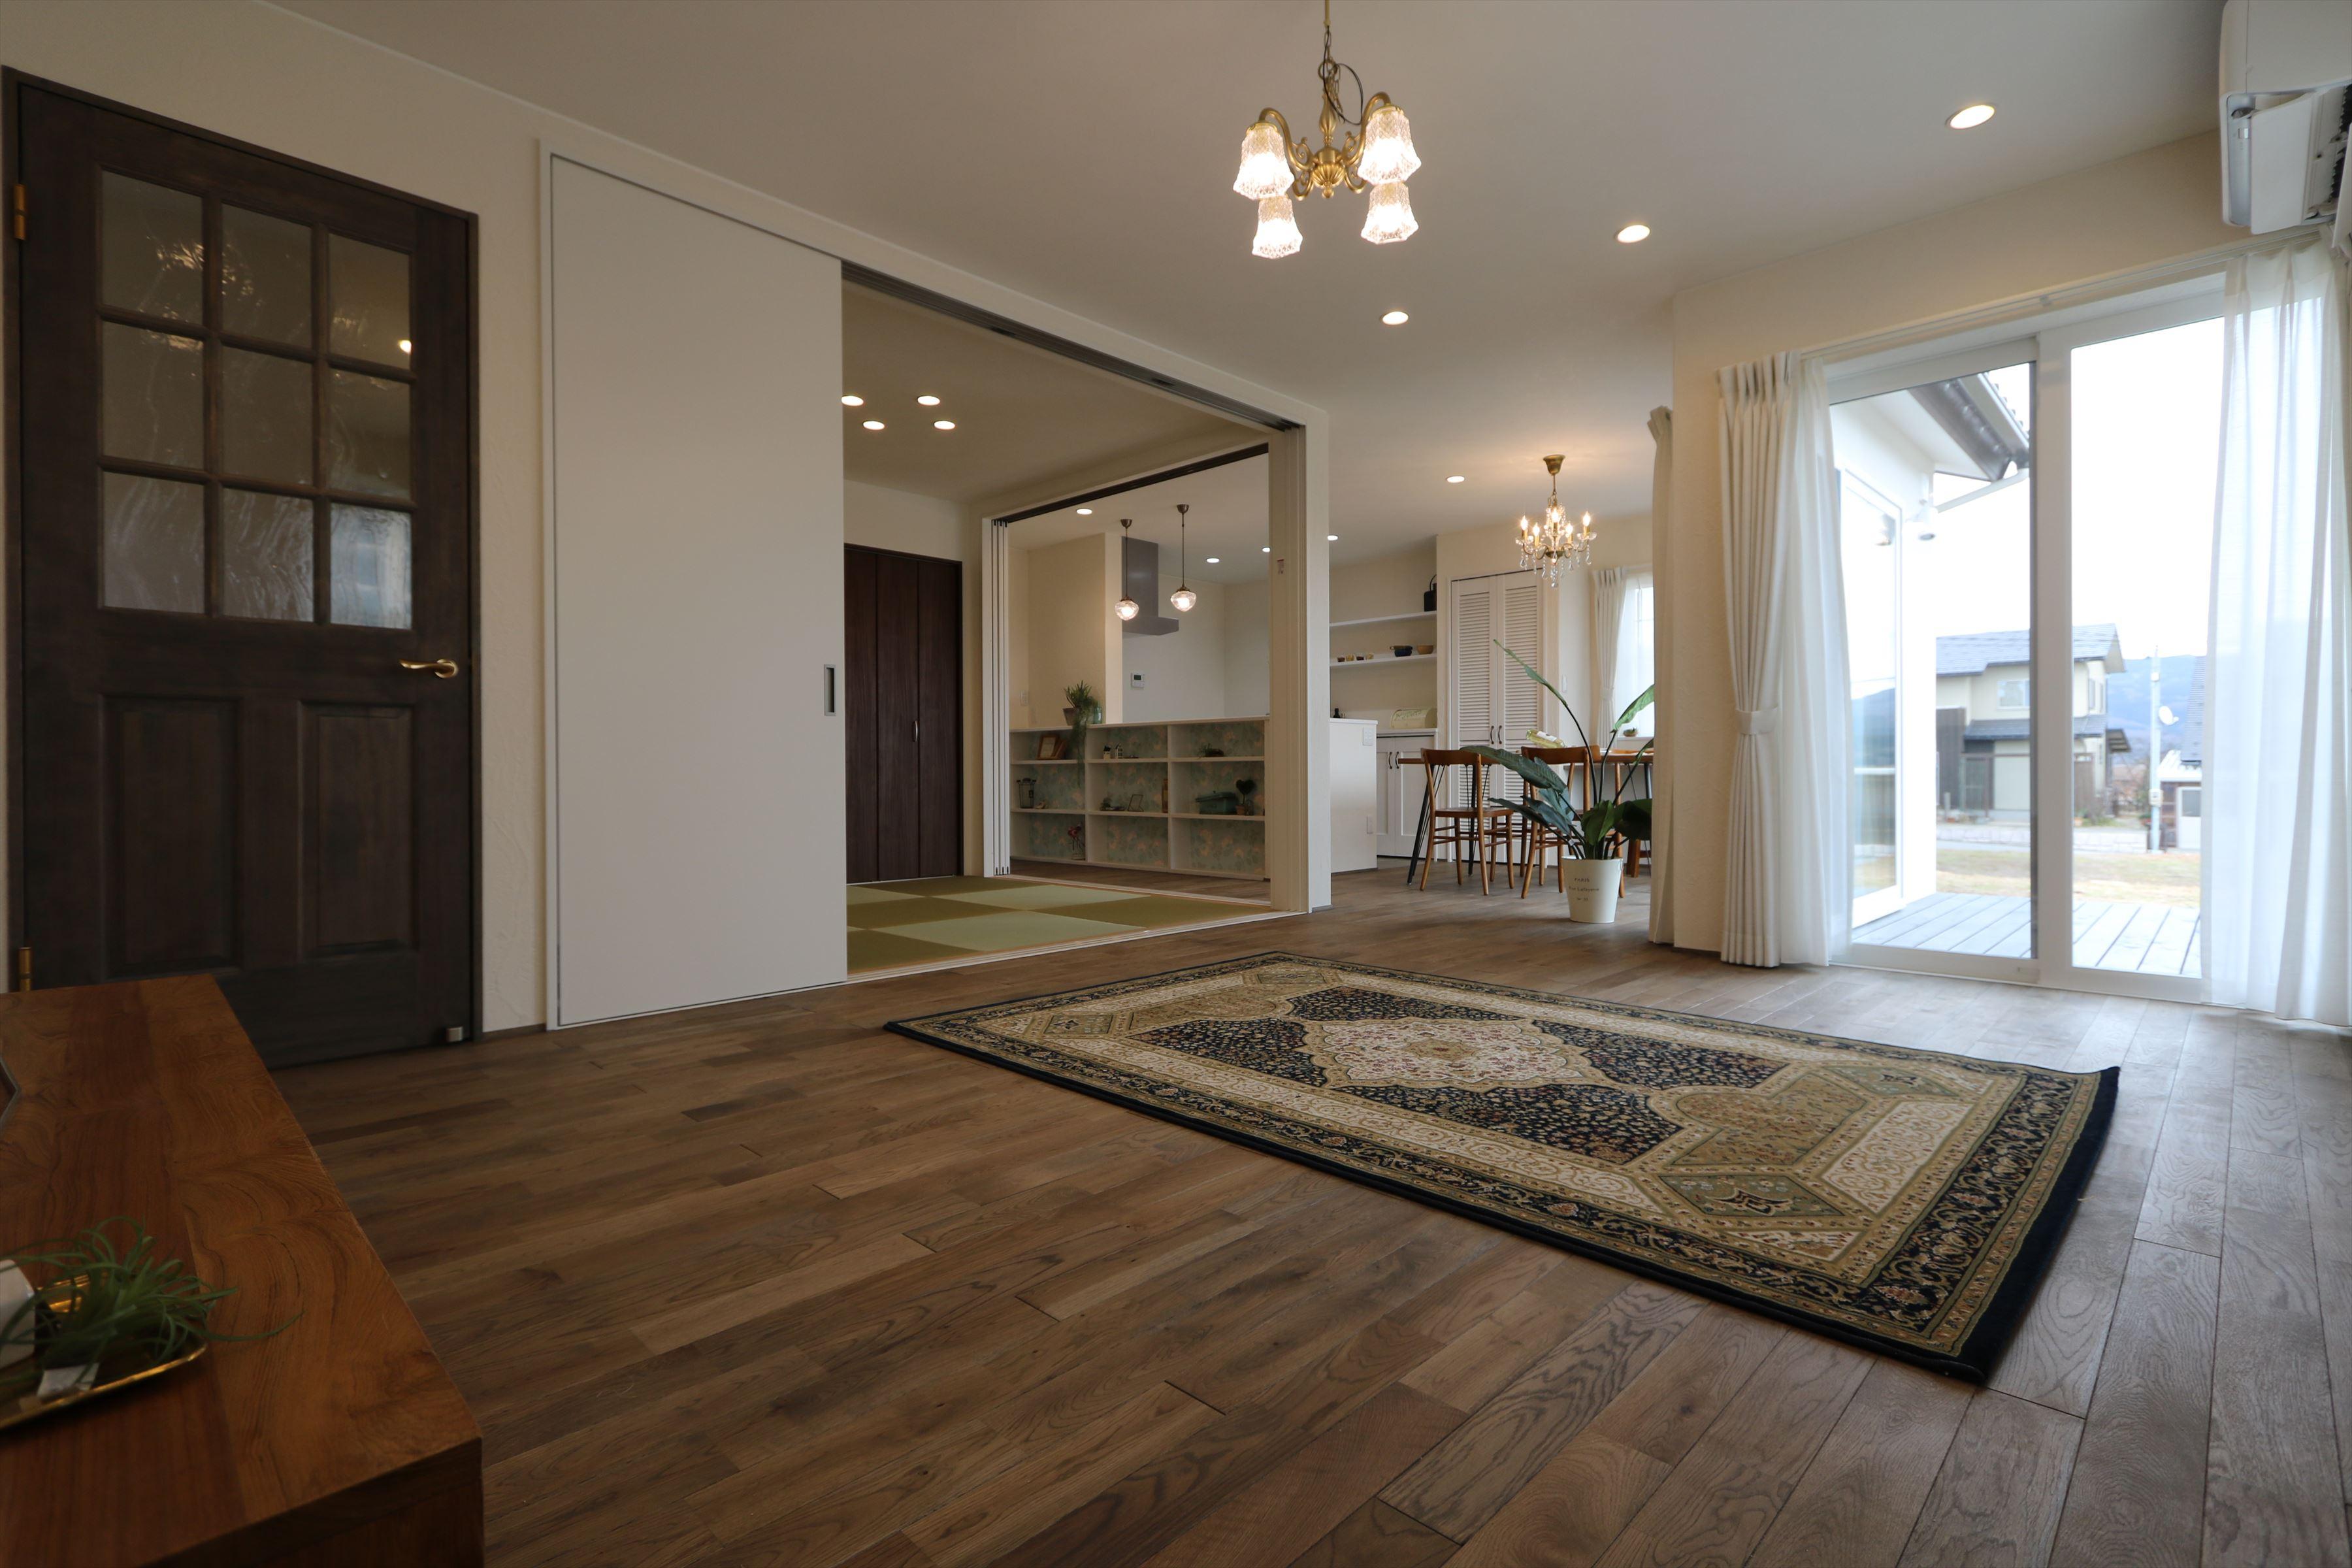 施工事例過去|FRENCH Style|石川県金沢市の注文住宅・デザイン性・新築の家・戸建て|E-HOUSE